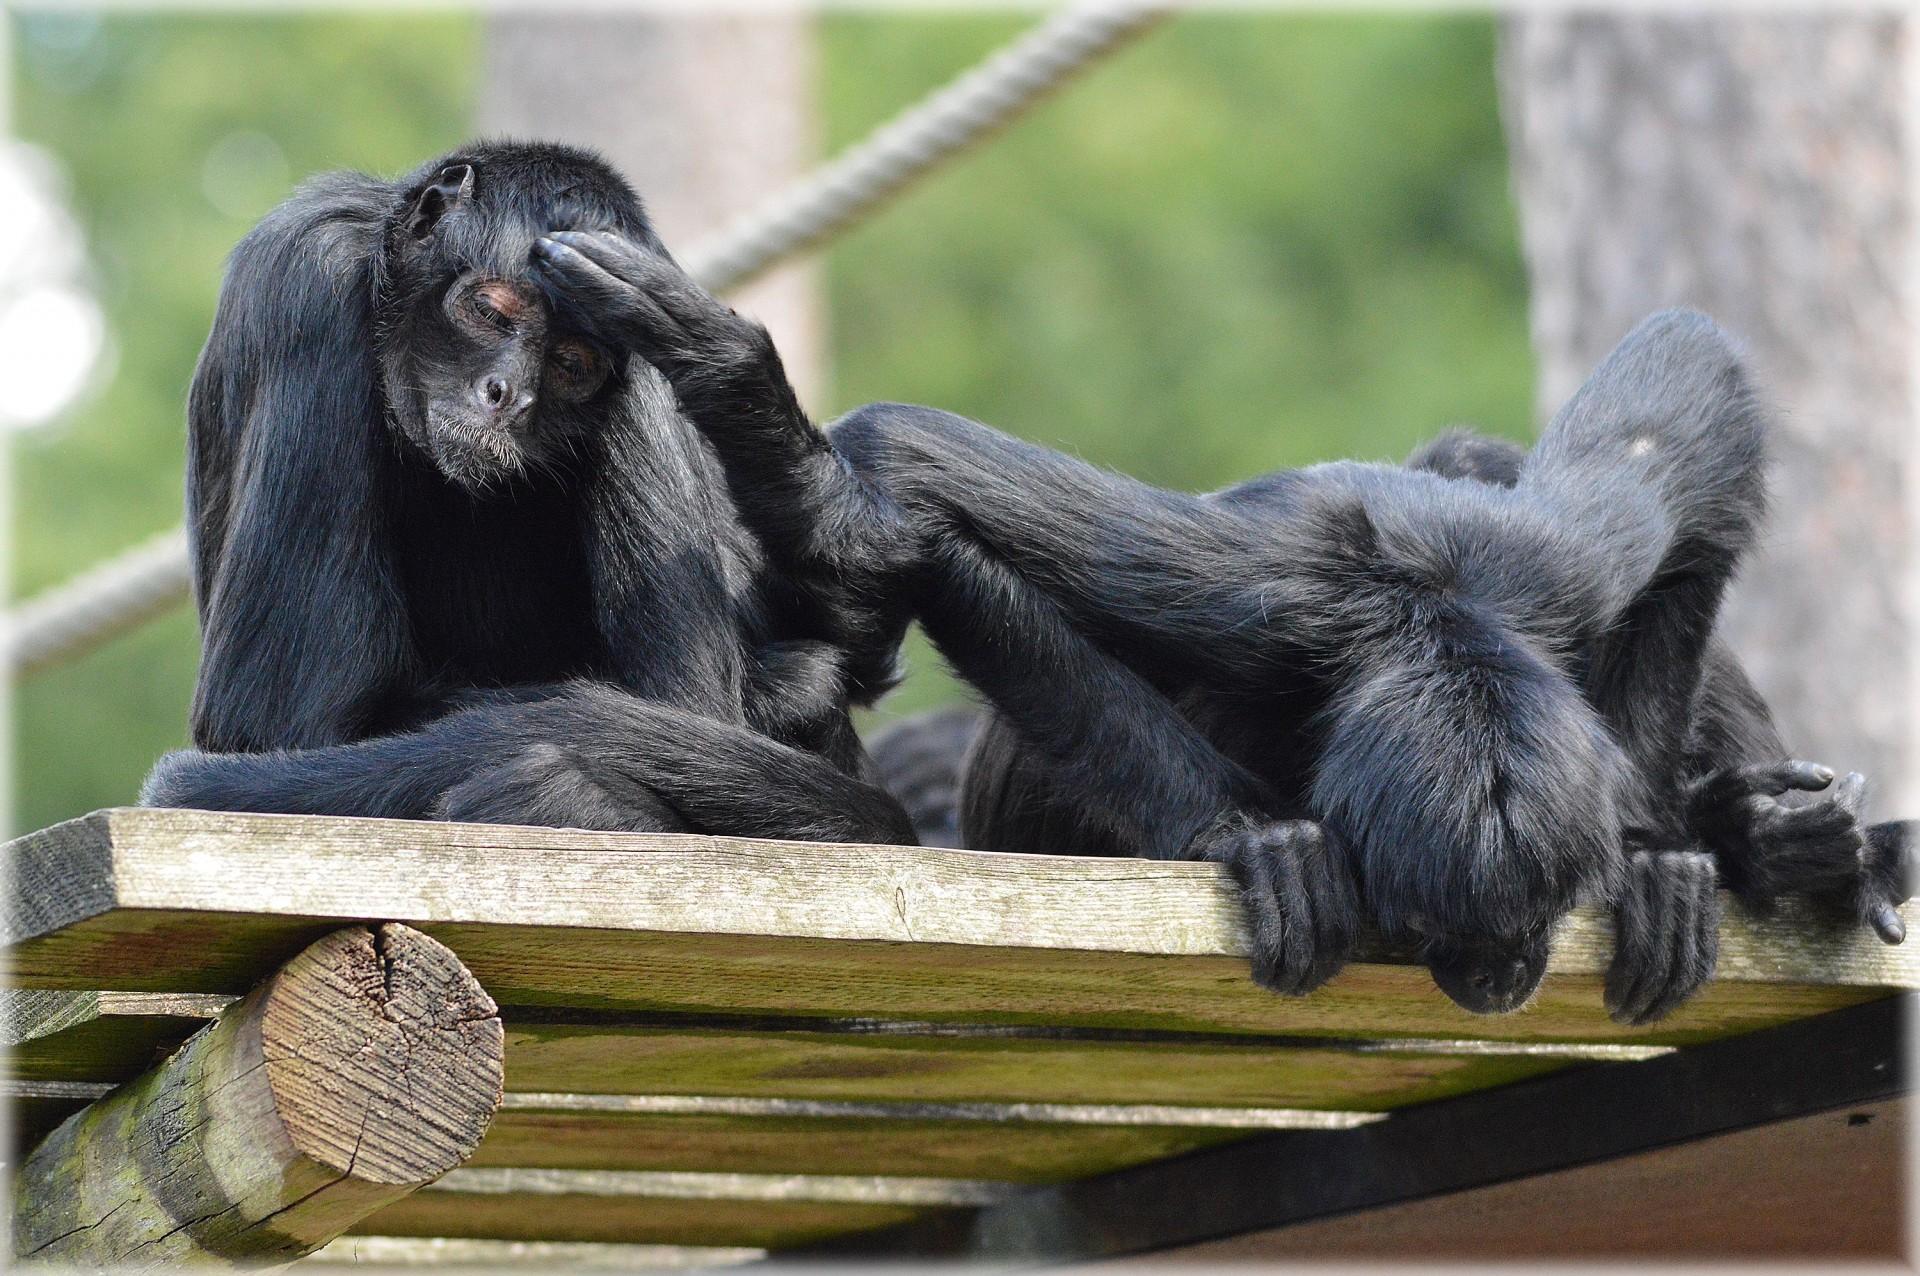 Afbeeldingsresultaat voor the monkeypath